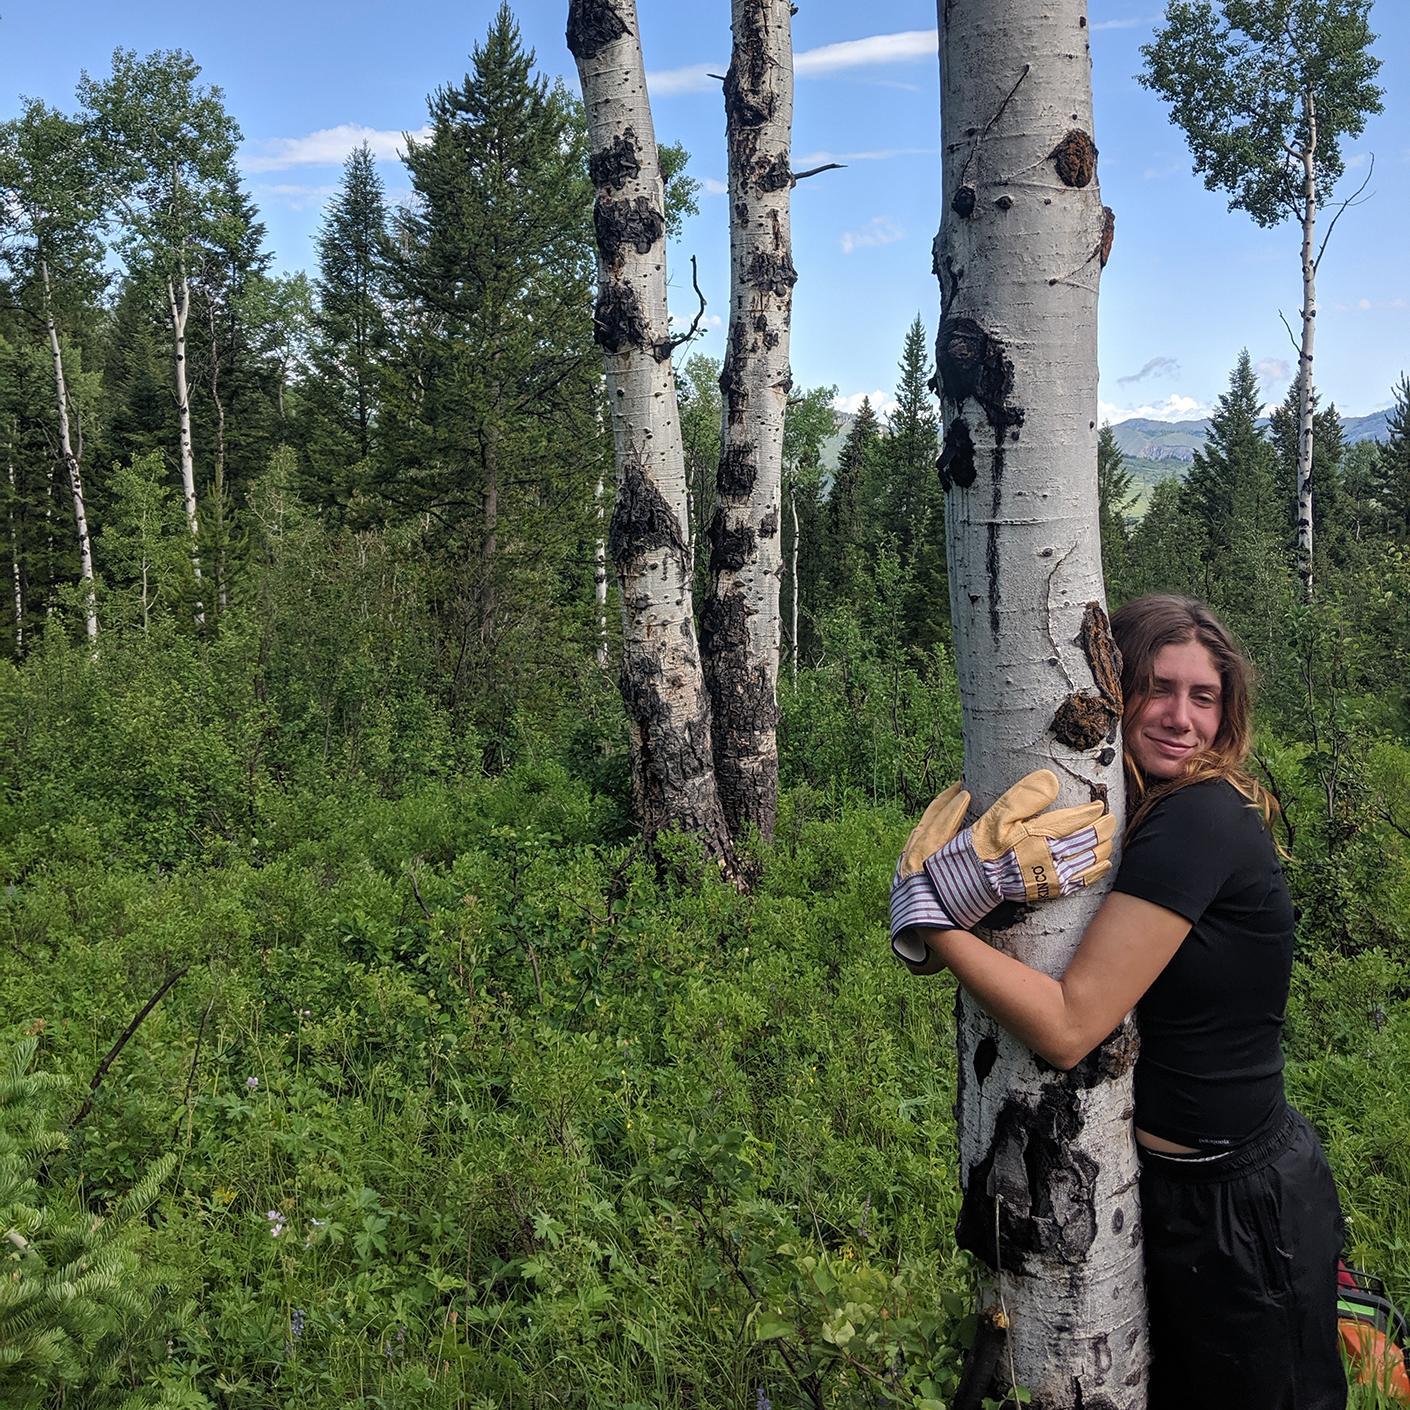 Girl hugging an aspen tree